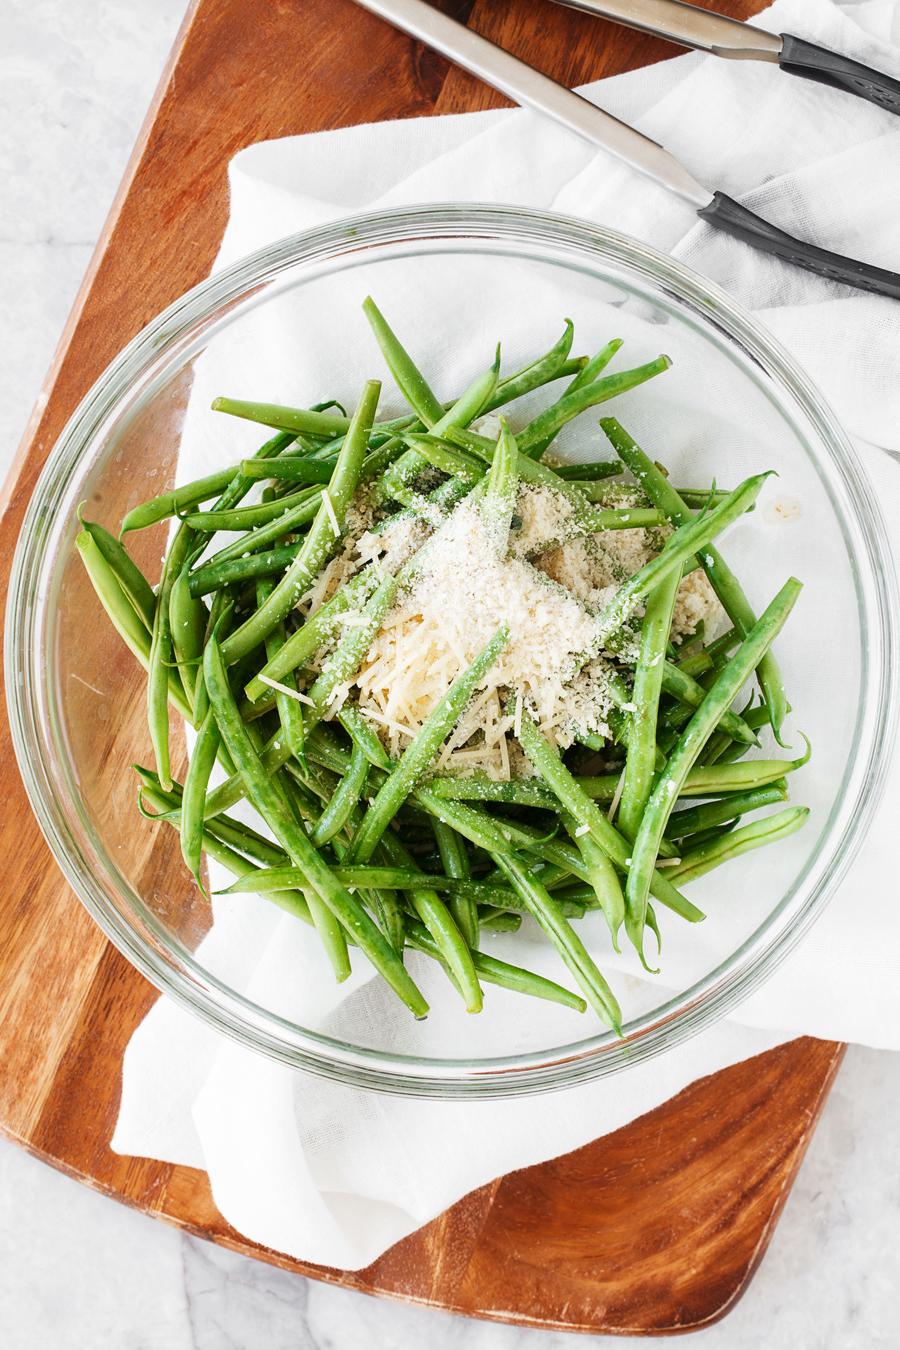 Roasted Green Bean Ingredients